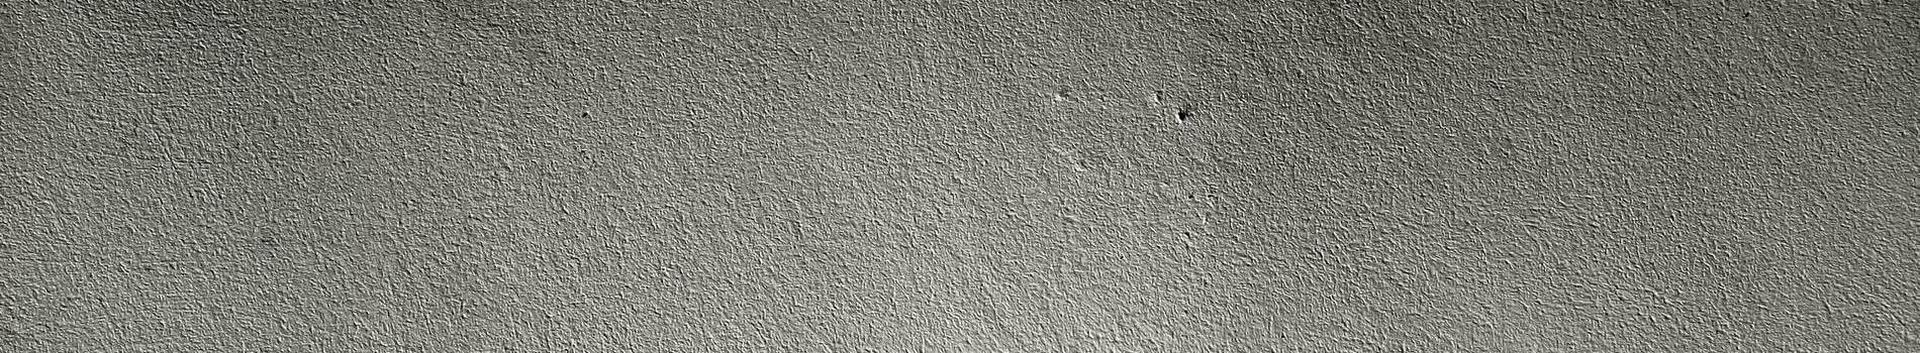 46721_metallide-hulgimuuk_35932618_xl.jpg